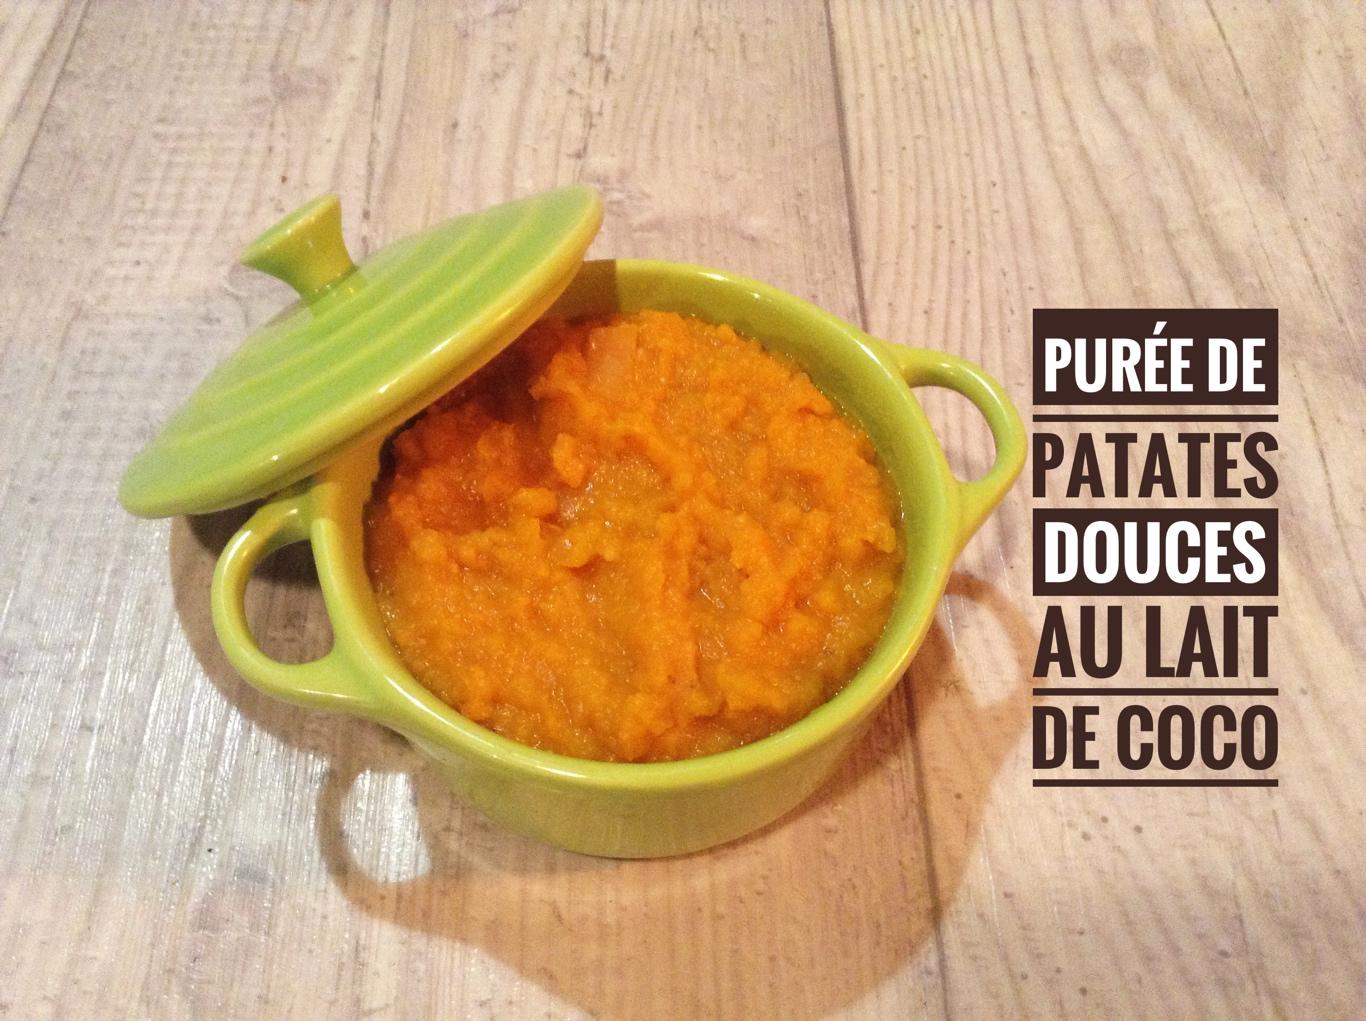 Puree De Patates Douces Au Lait De Coco Recettes De Cuisine Avec